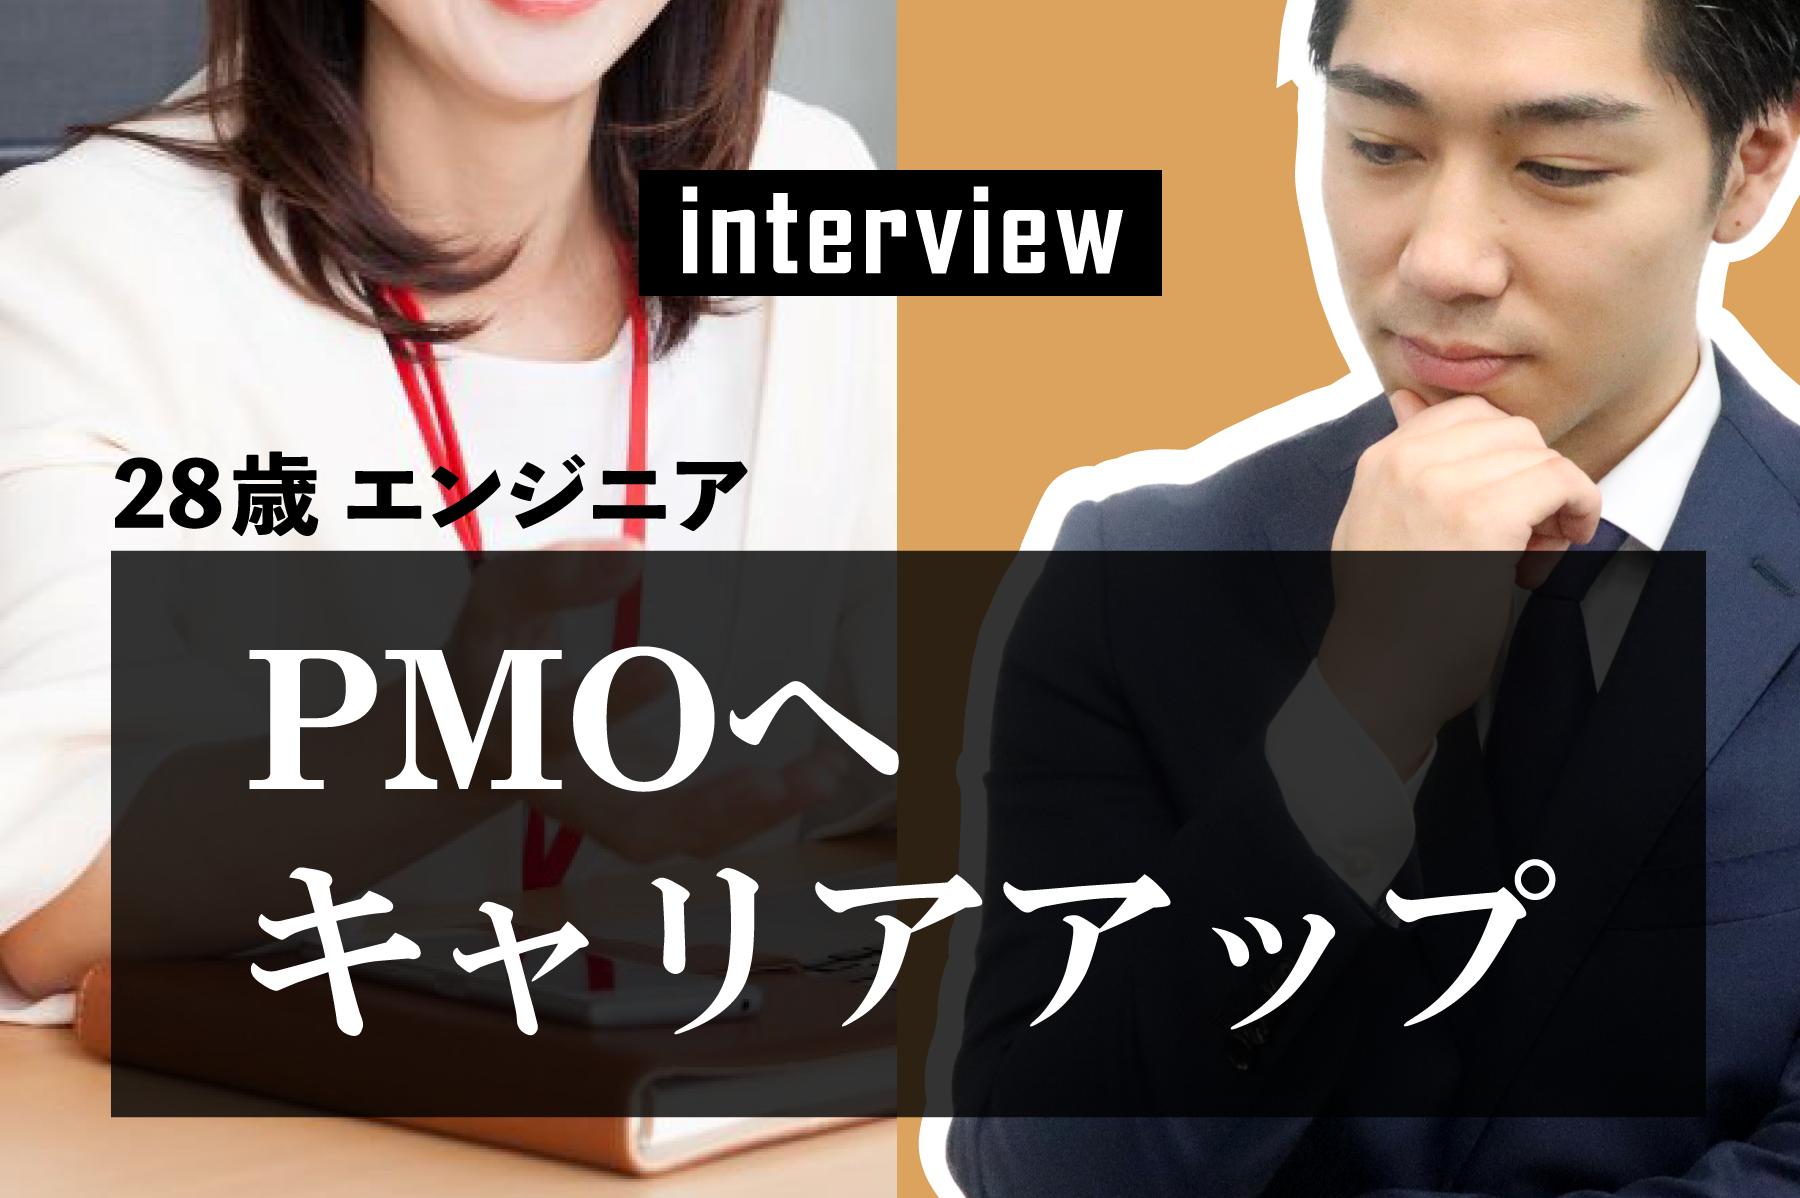 PMOにキャリアアップしたエンジニアと男性エージェントの対談の様子